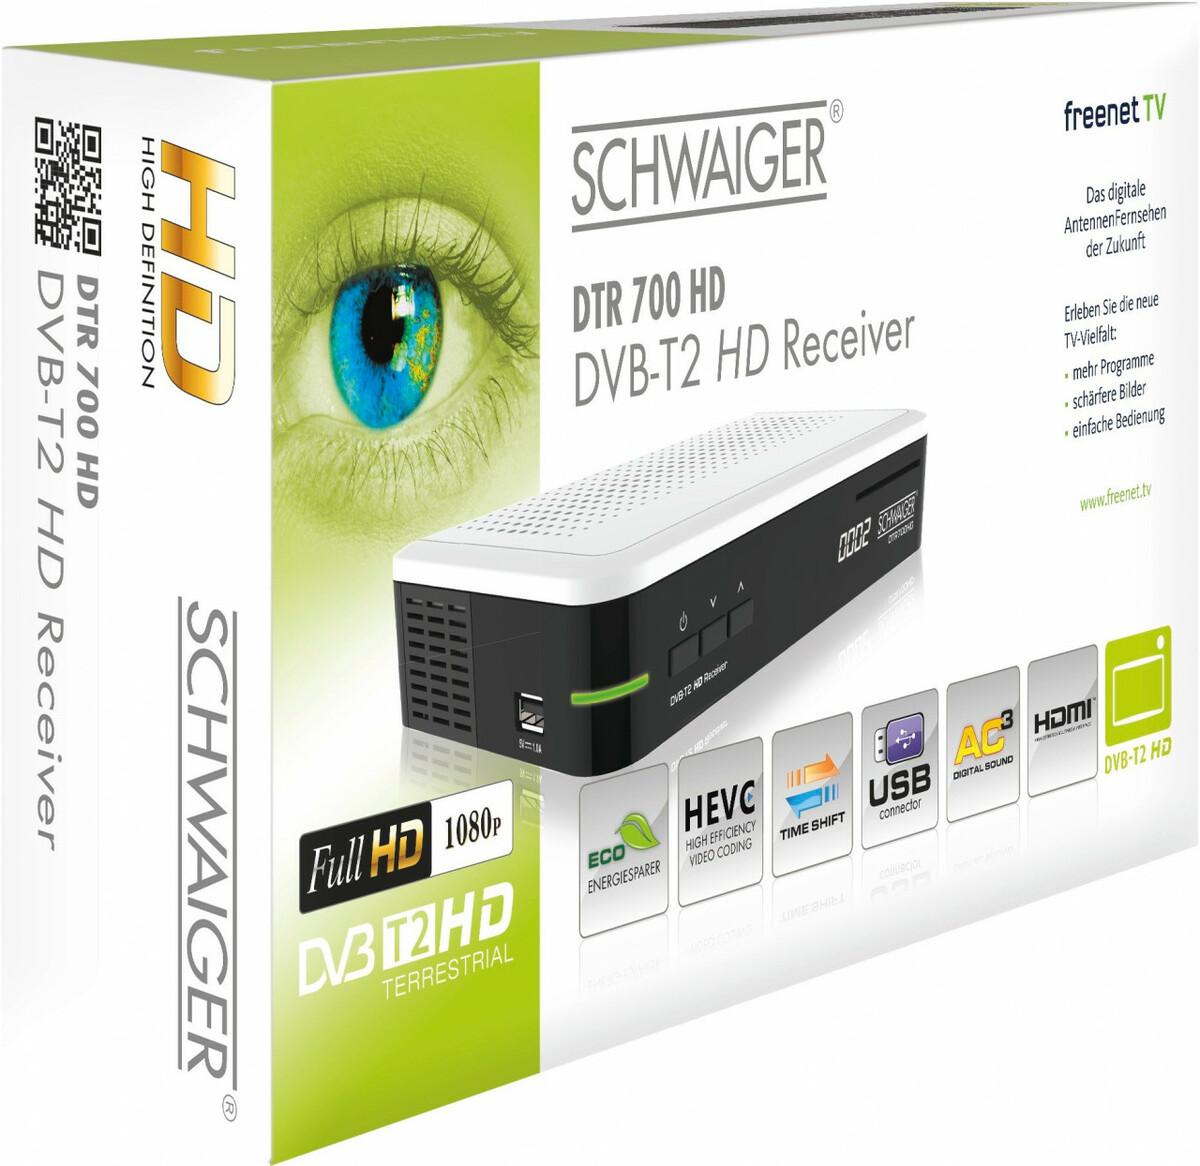 Bild 5 von Schwaiger DVB-T2 HD Receiver